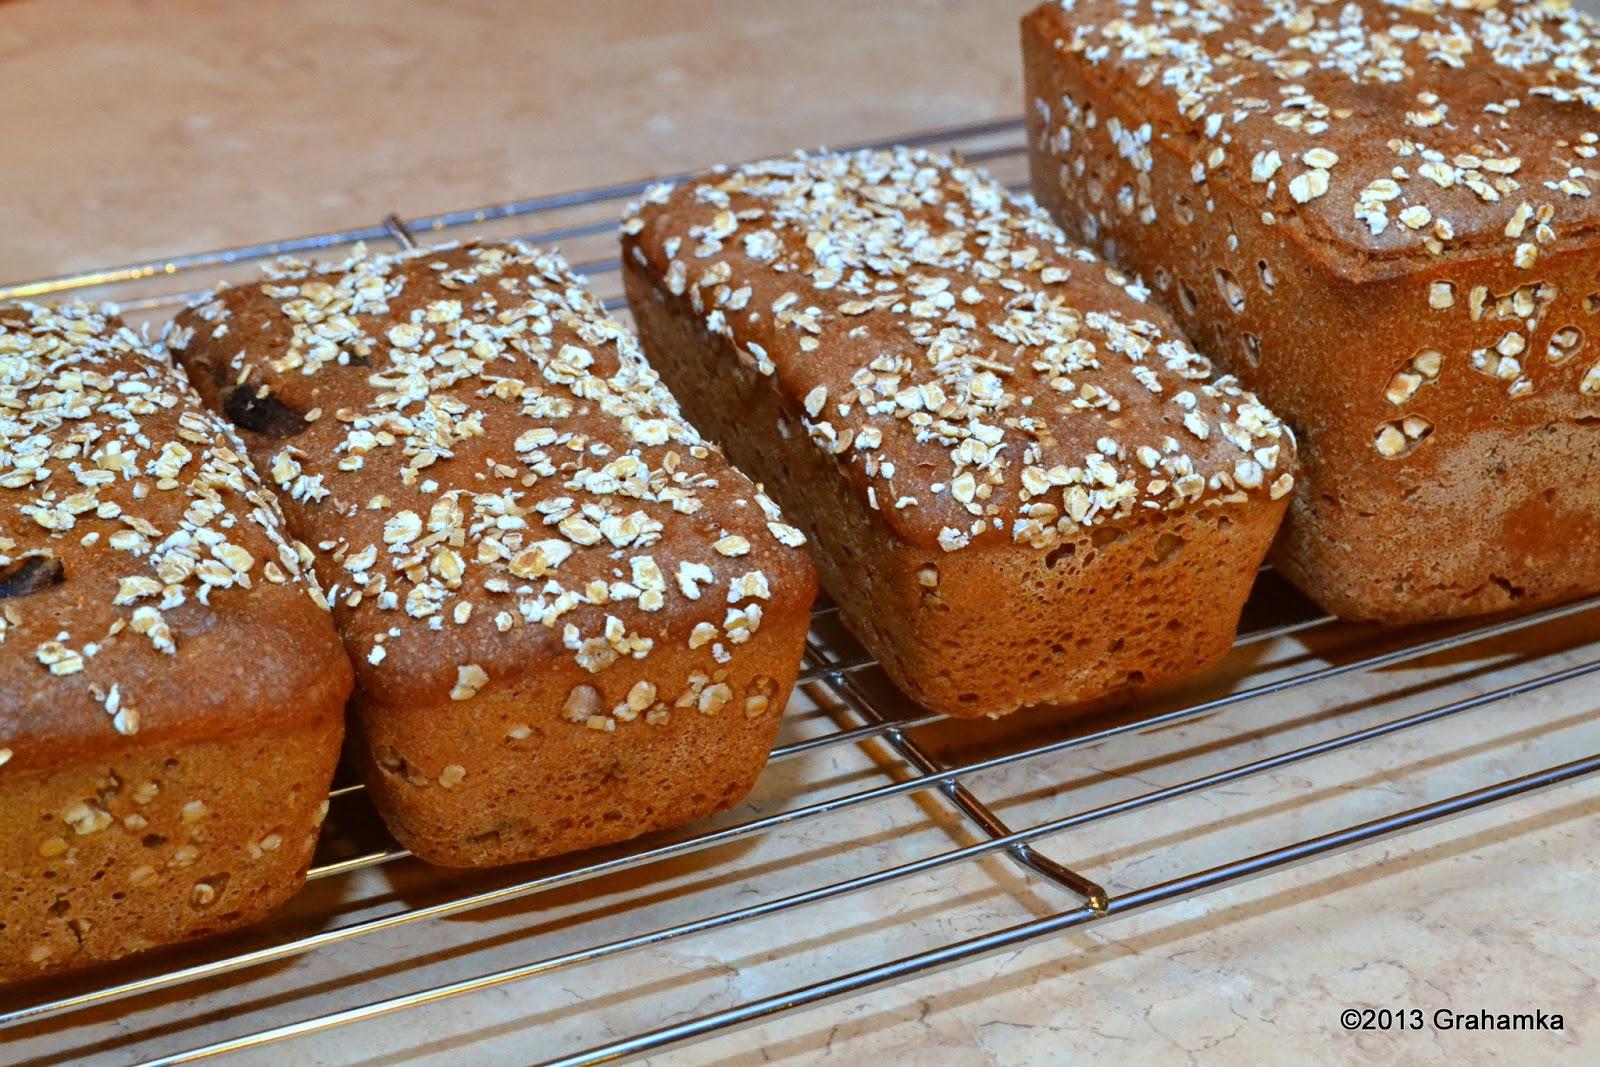 Stygnące trzy malusie chlebusie i jeden większy.